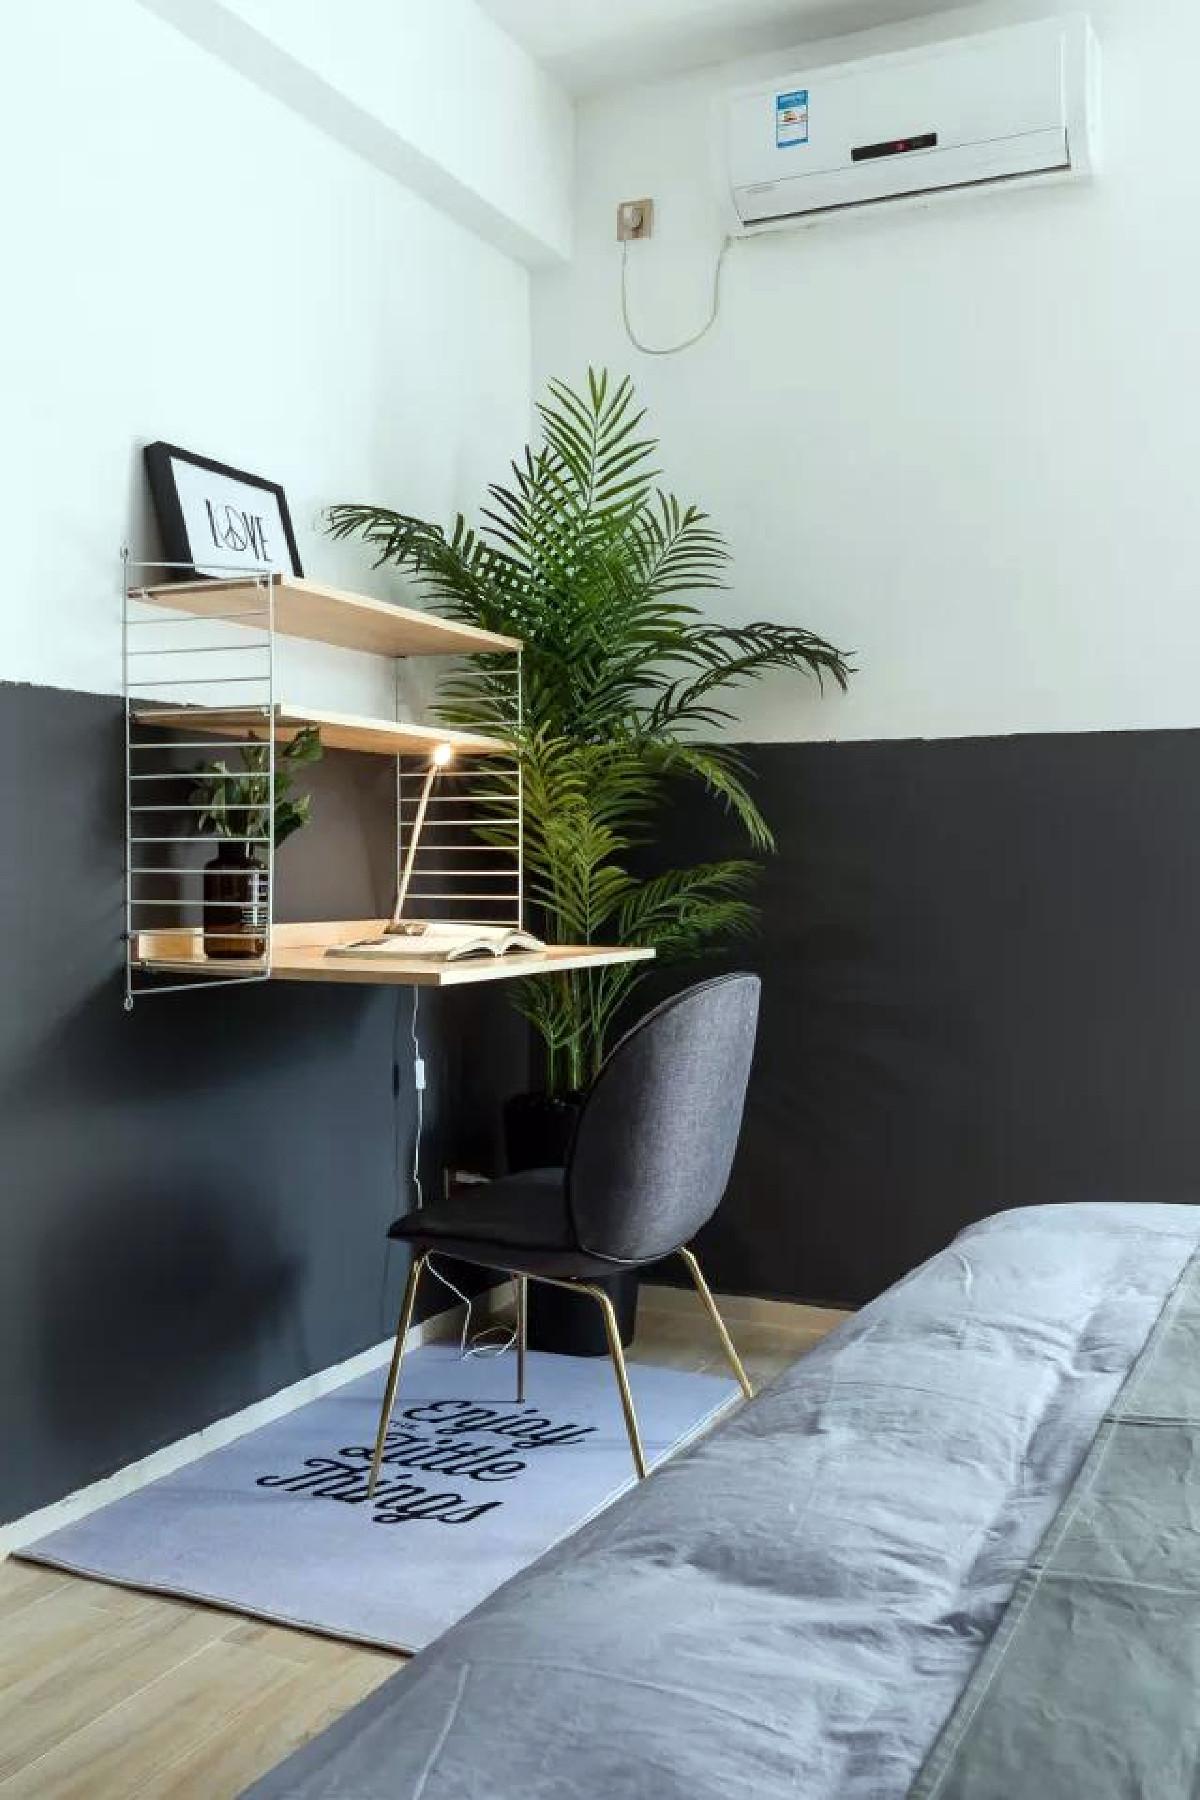 小角落也别轻易放过,网红的吊灯、淘宝爆款的层板桌以及单椅点缀,黑白色的卧室也不再冷清。